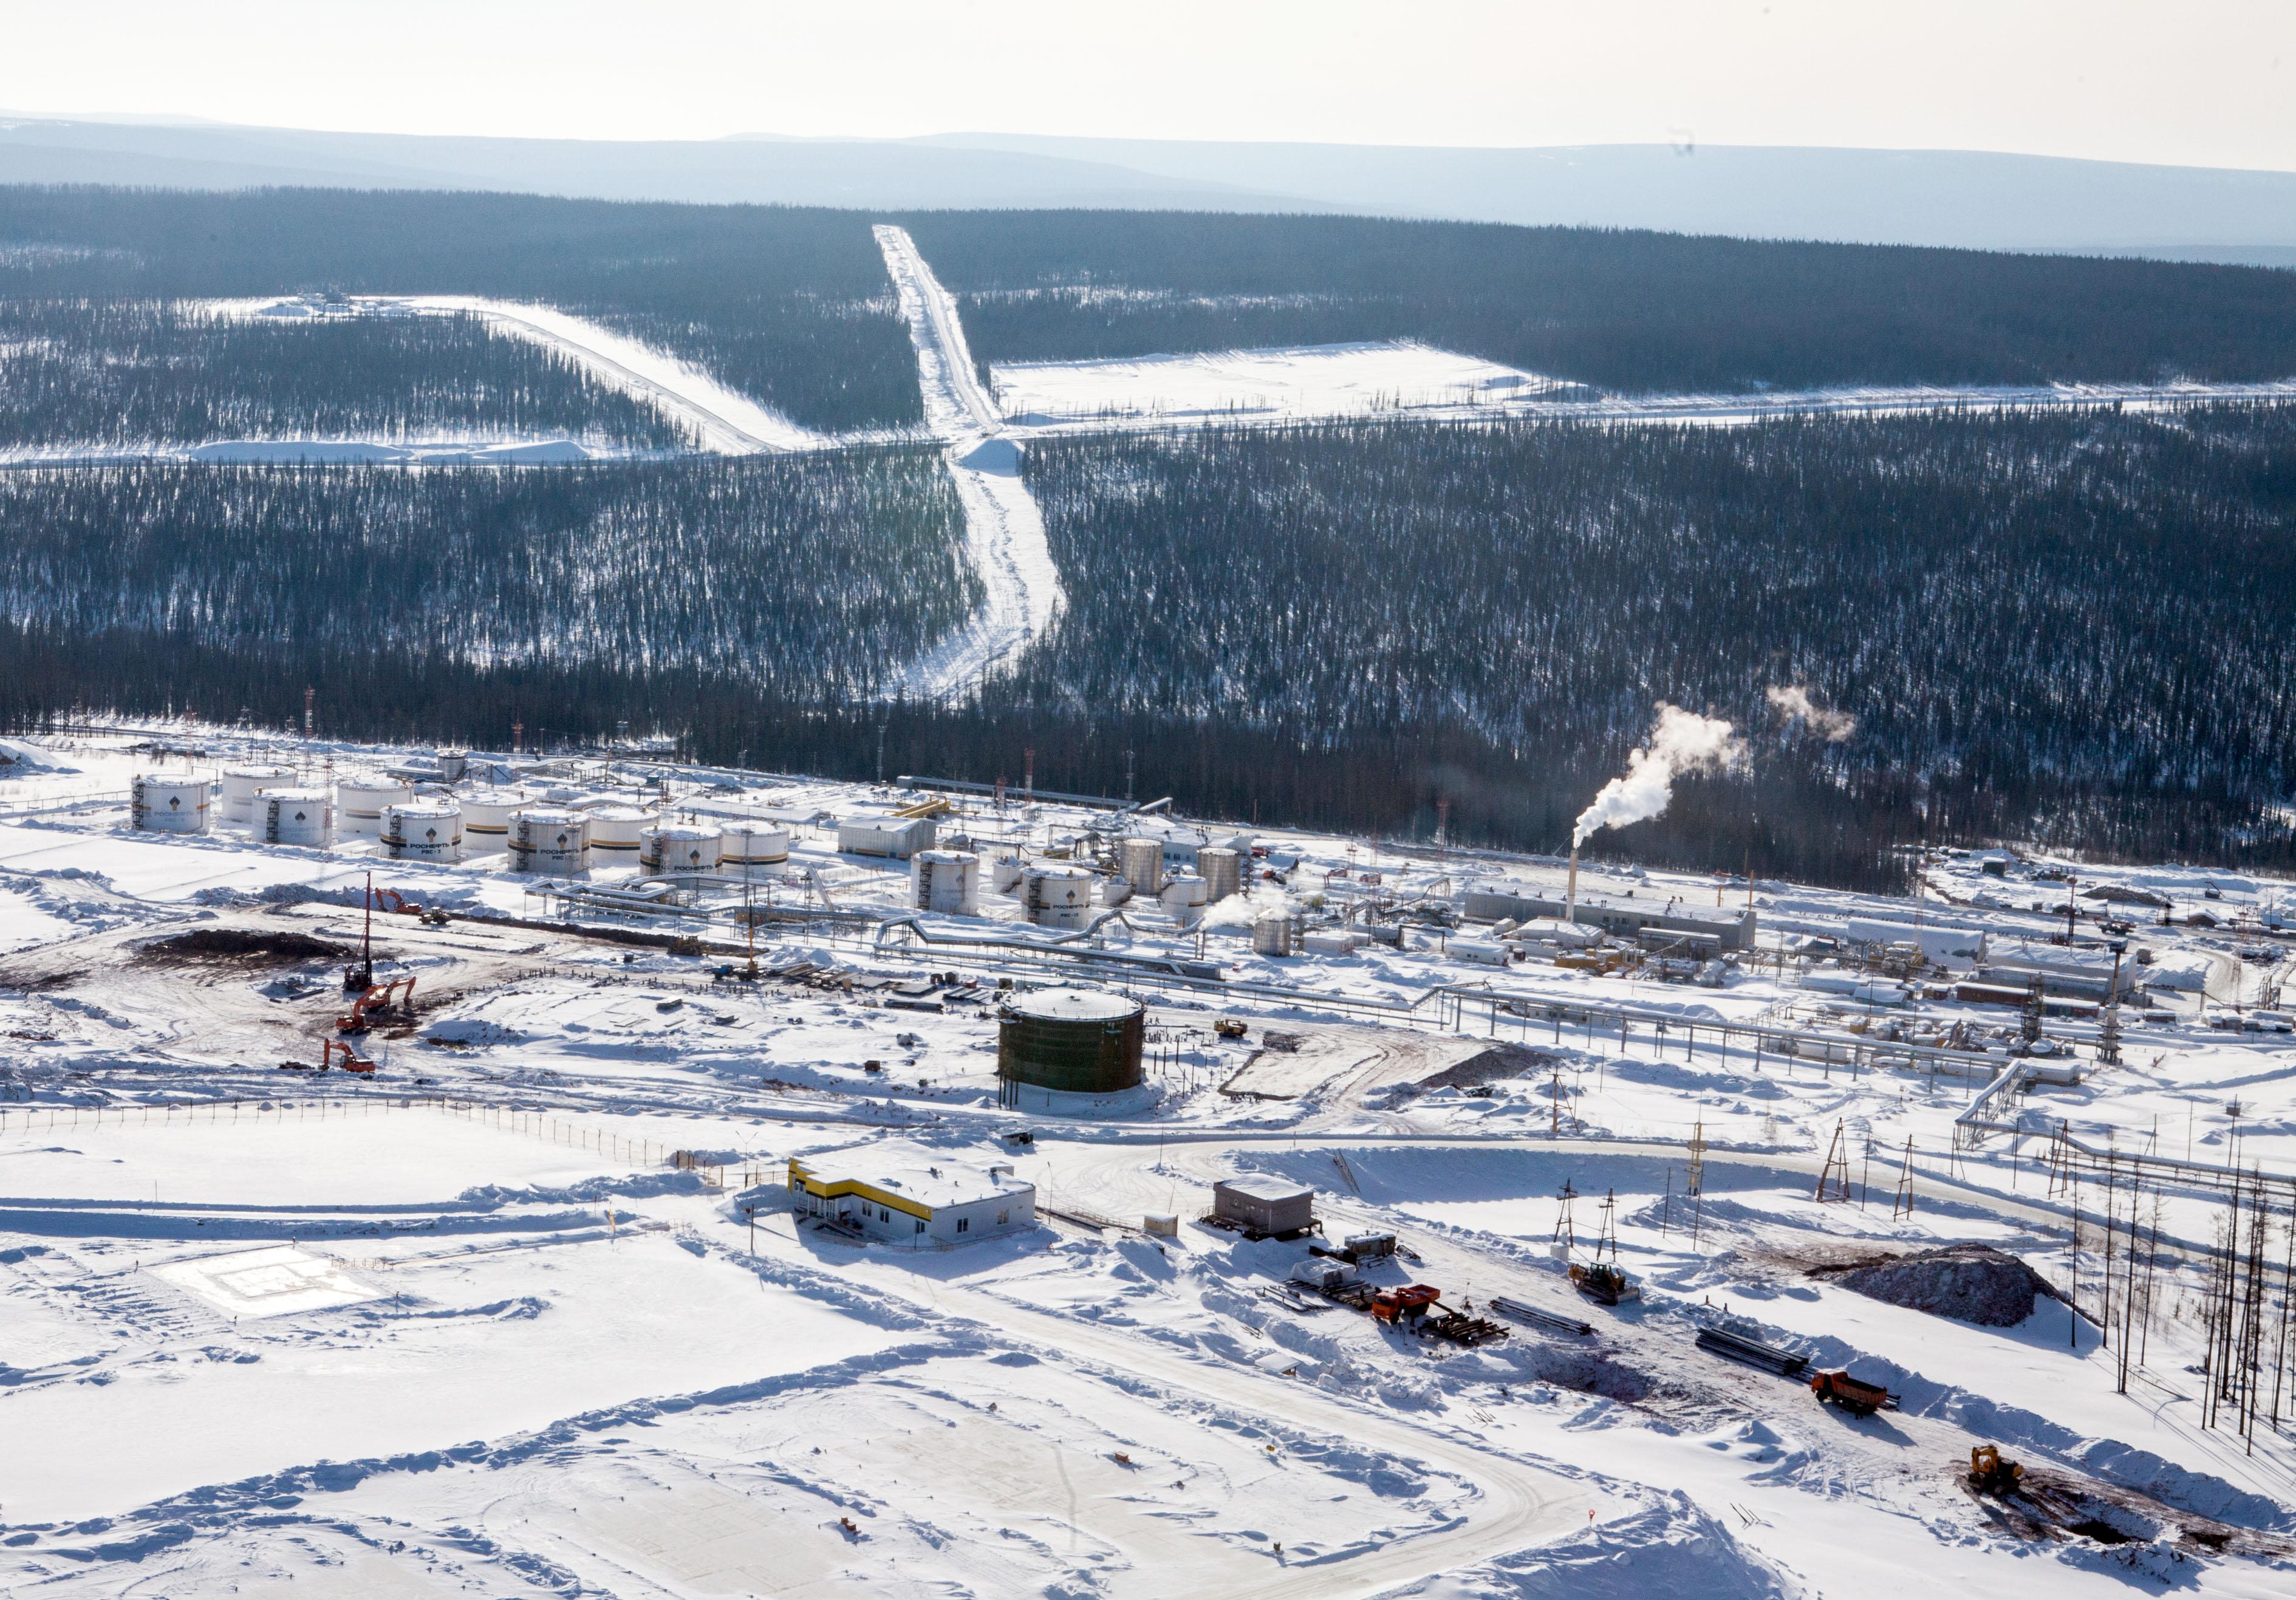 НаВосточно-Мессояхском месторождении добыт 1-ый млн. тонн нефти